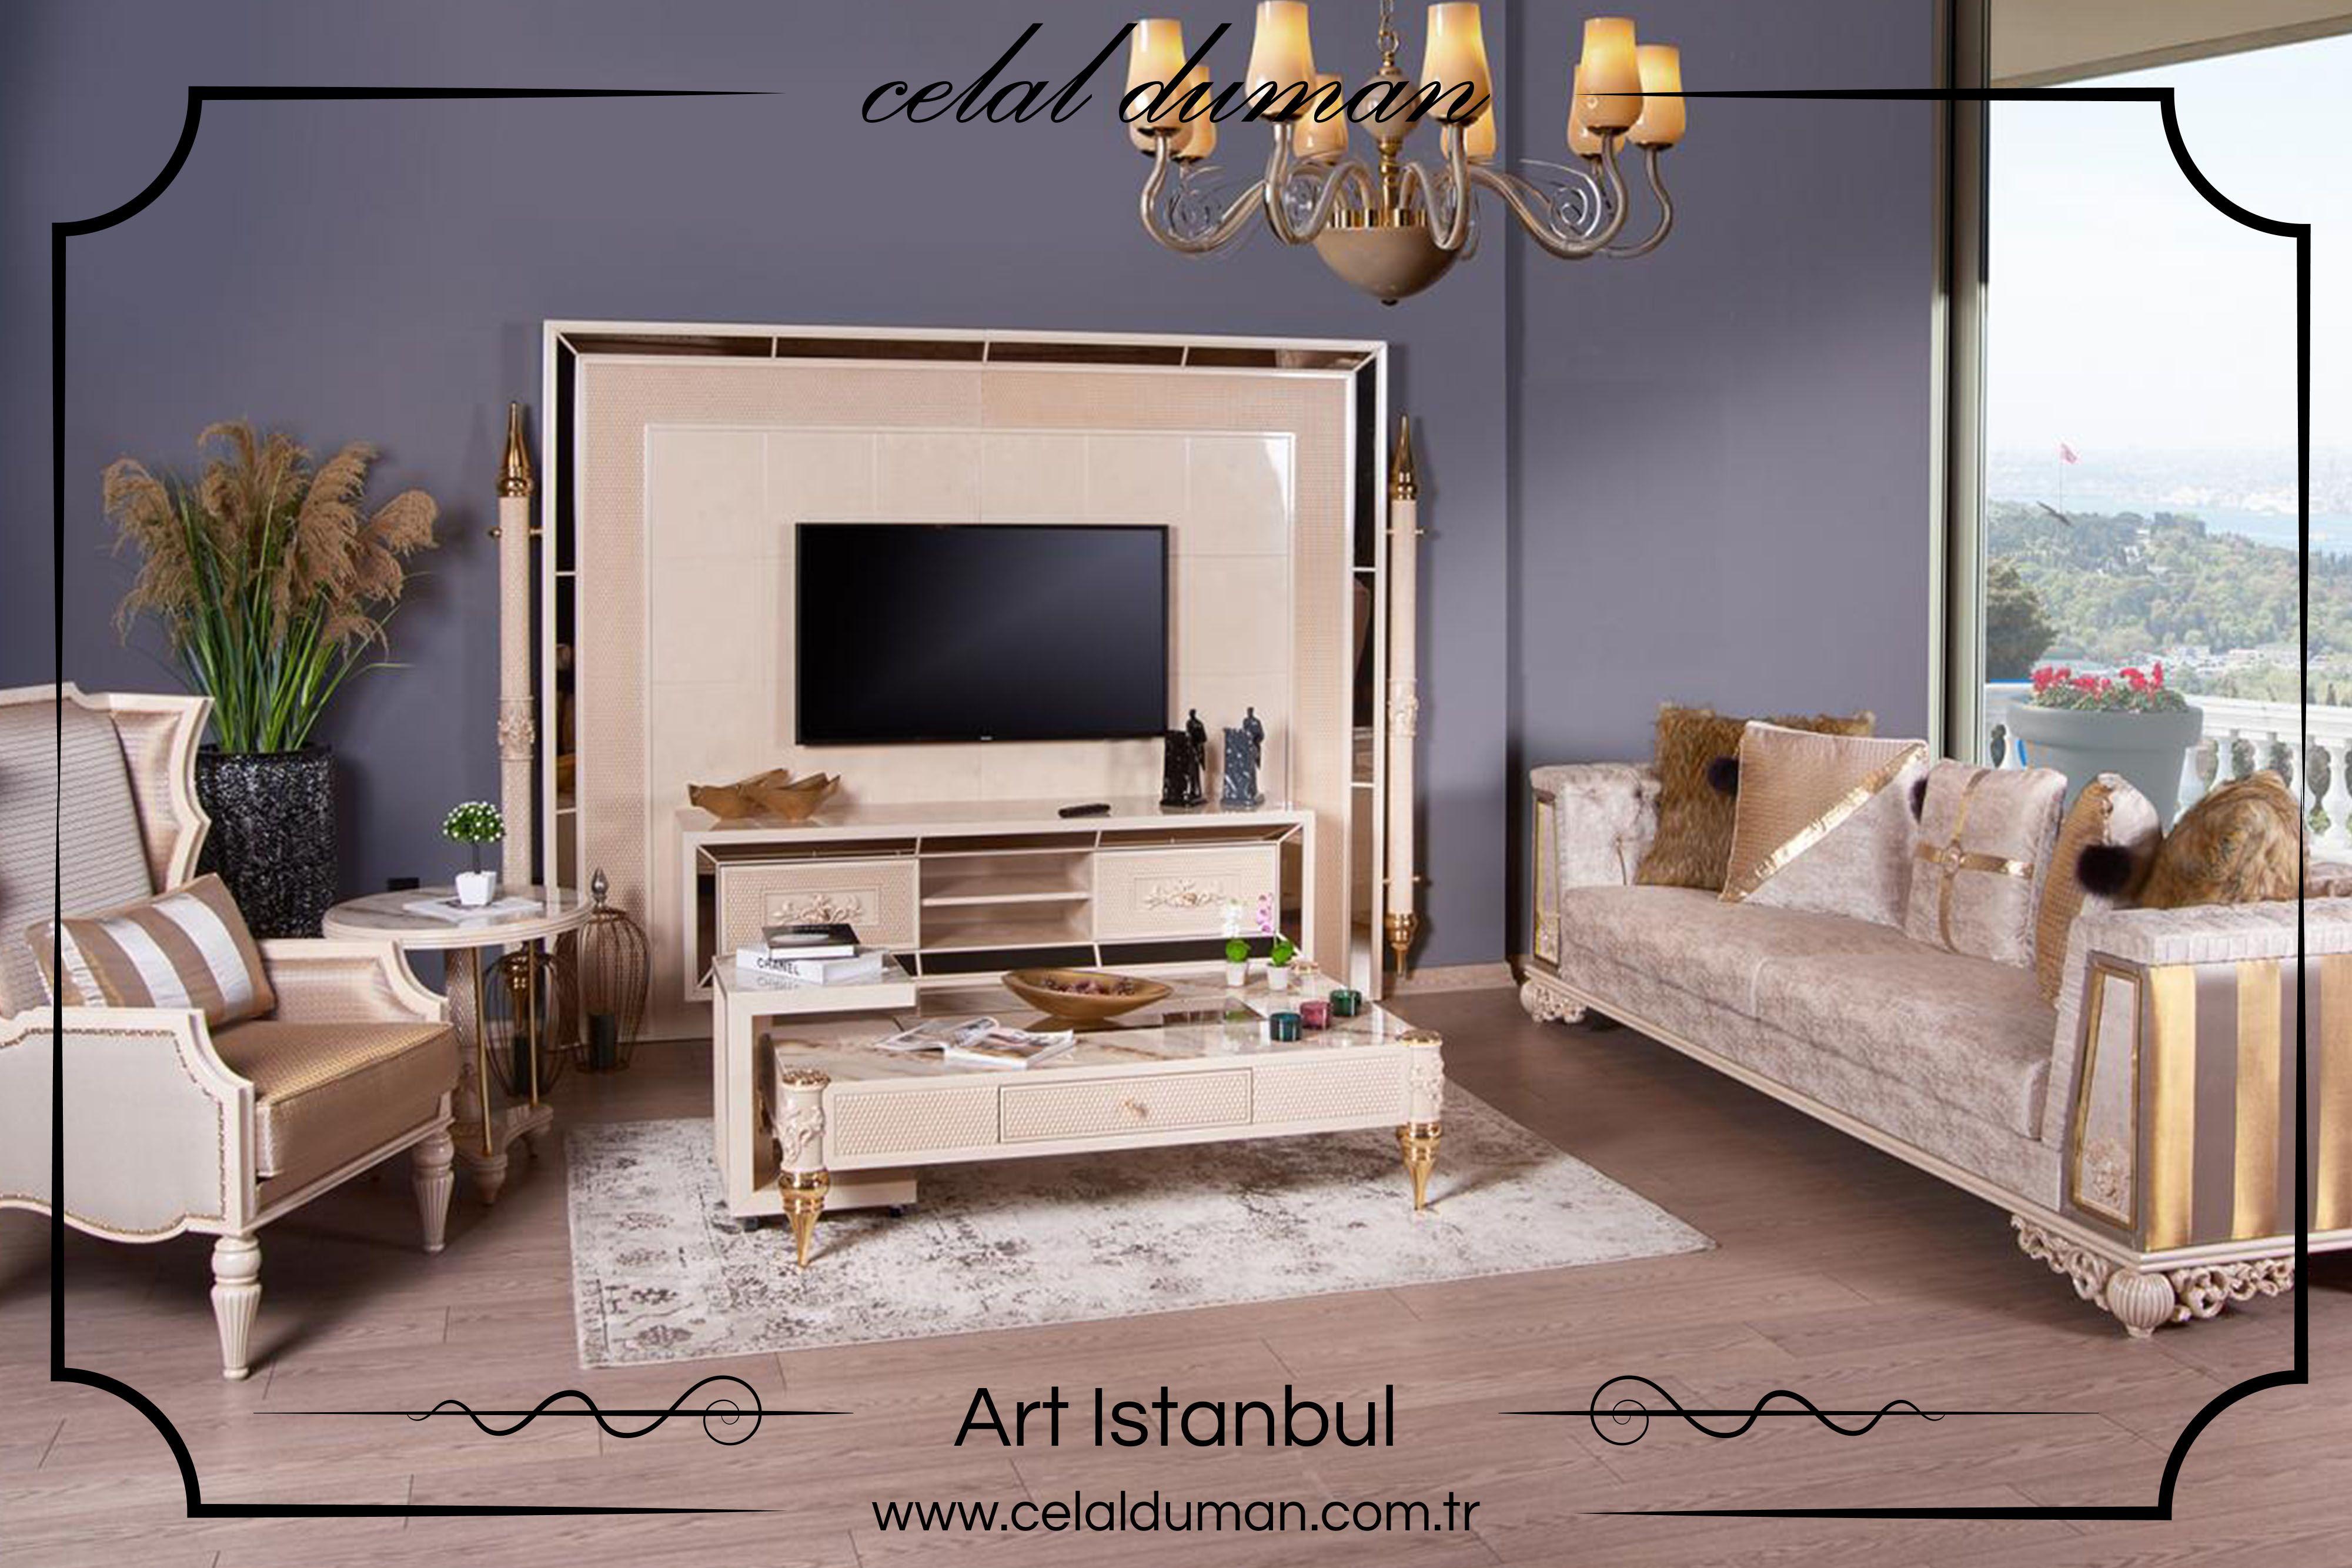 Konforu Evlerinizde Derinden Hissedeceginiz Art Istanbul Koltuk Takimi Sizlerle Celalduman Celaldumanmobilya Mobilya Masko Mobilya Modern Mobilya Furniture